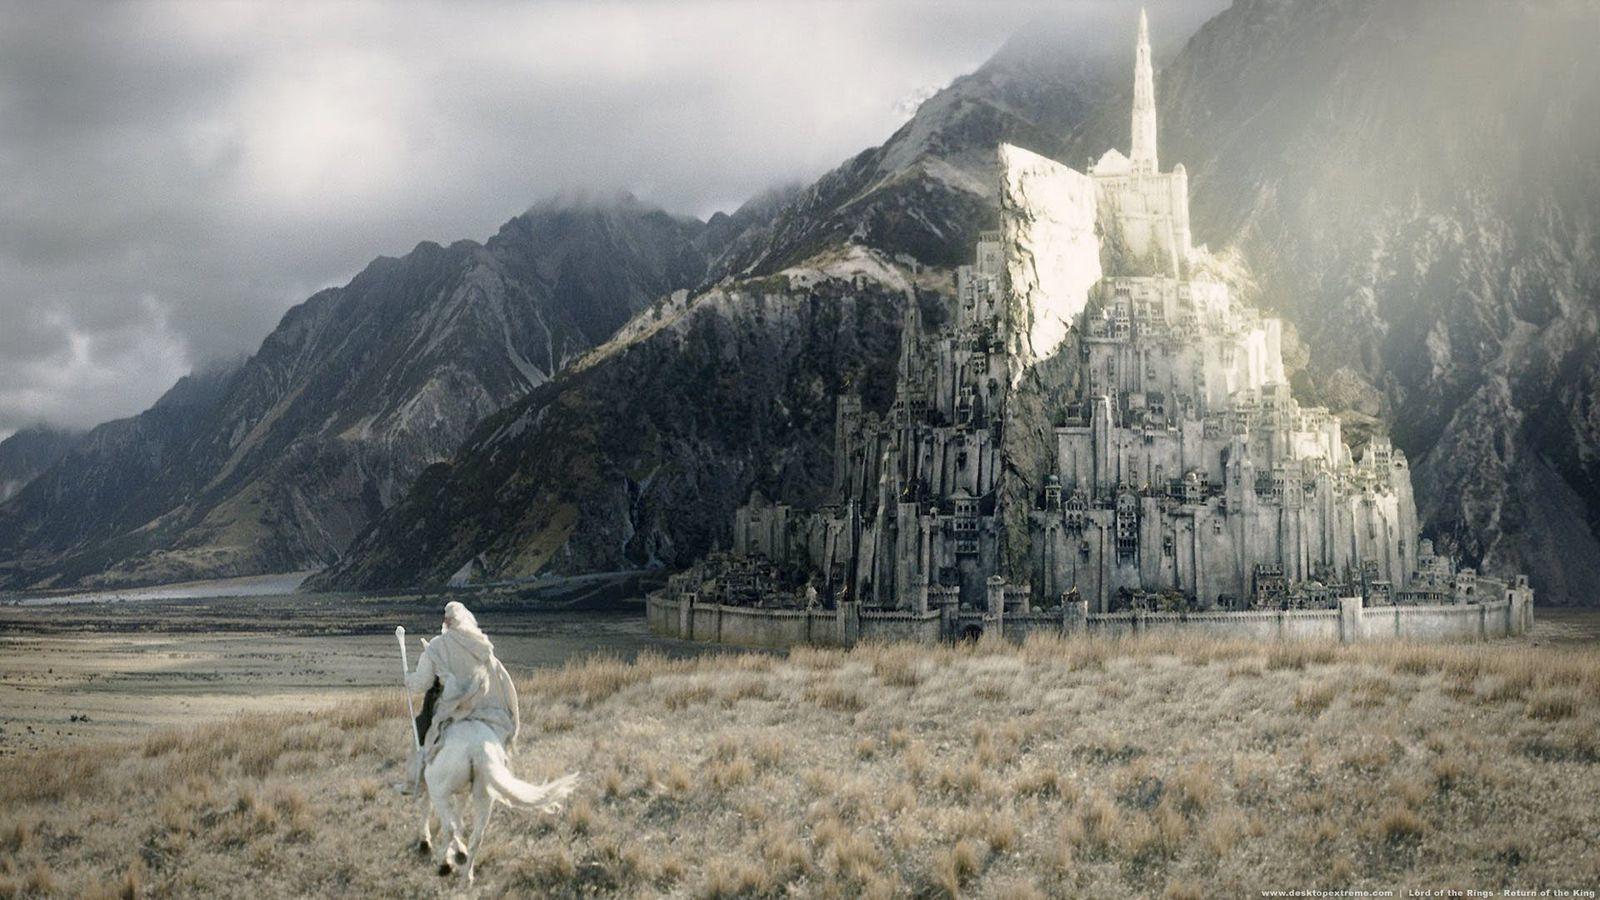 Nová sbírka Tolkienových spisů odhalí geografii Středozemě a tajemství elfí nesmrtelnosti | Fandíme filmu